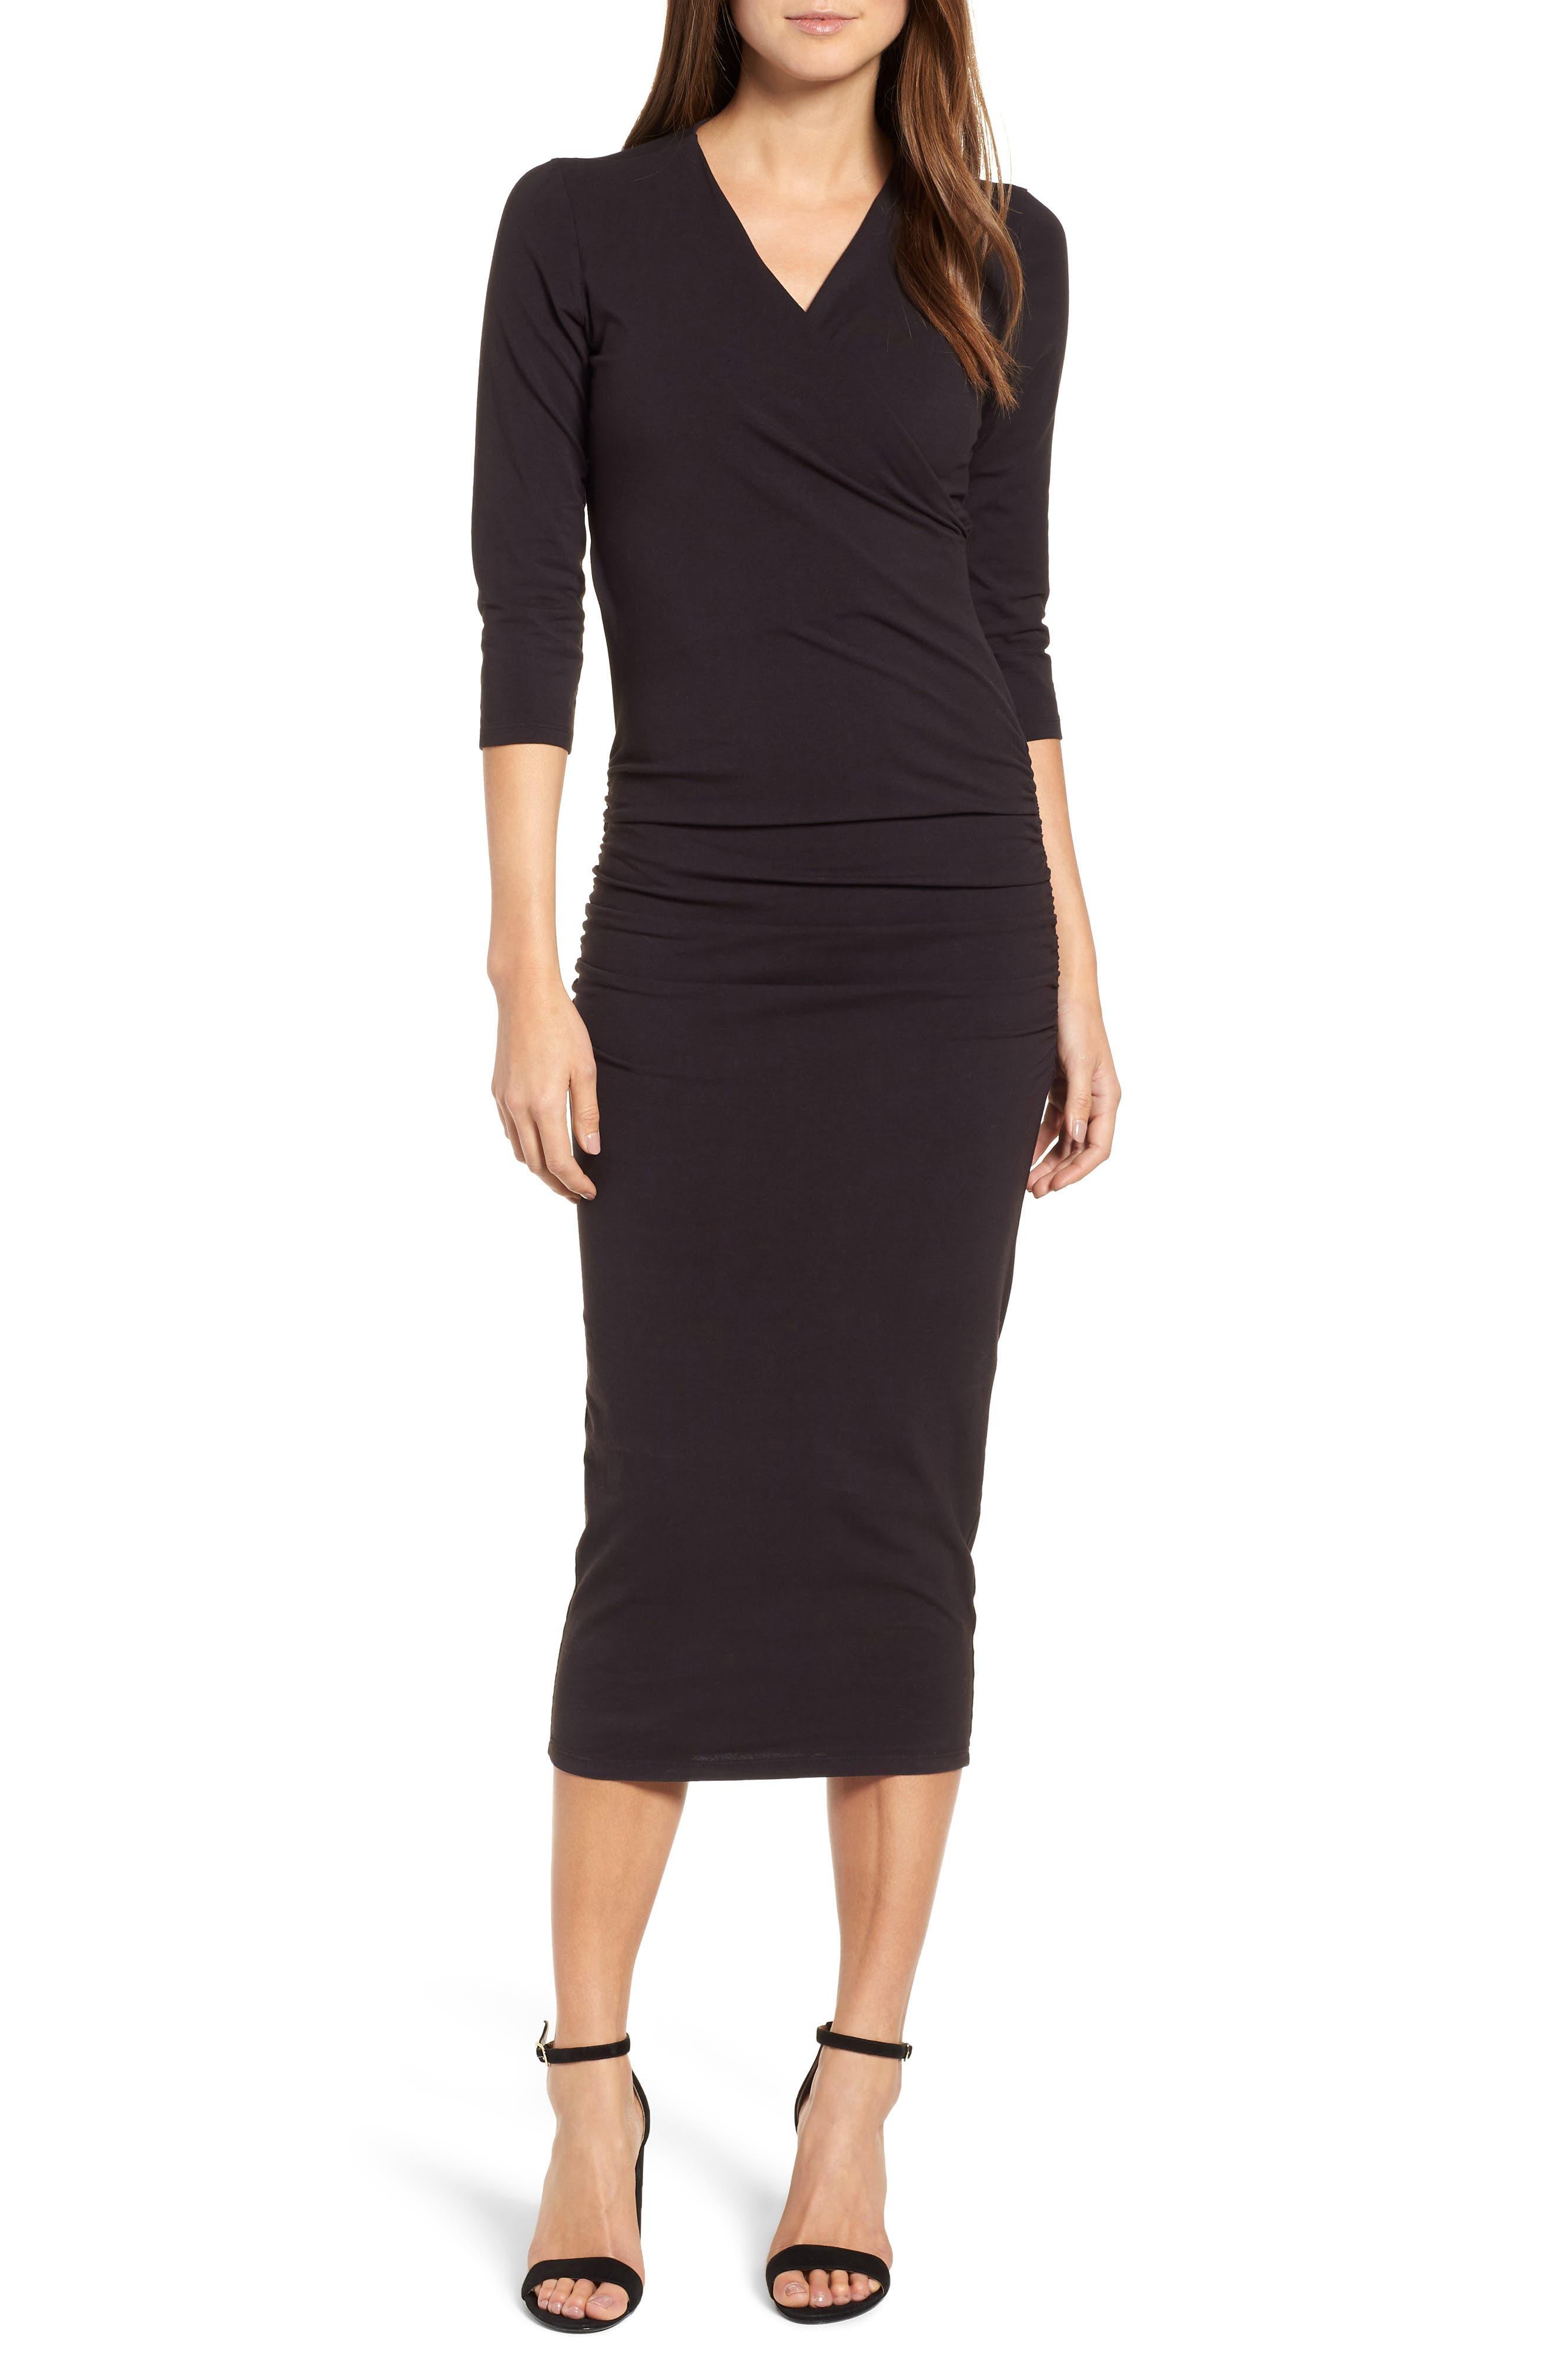 MICHAEL STARS Ruched Surplice Stretch Cotton Body-Con Dress, Main, color, 001